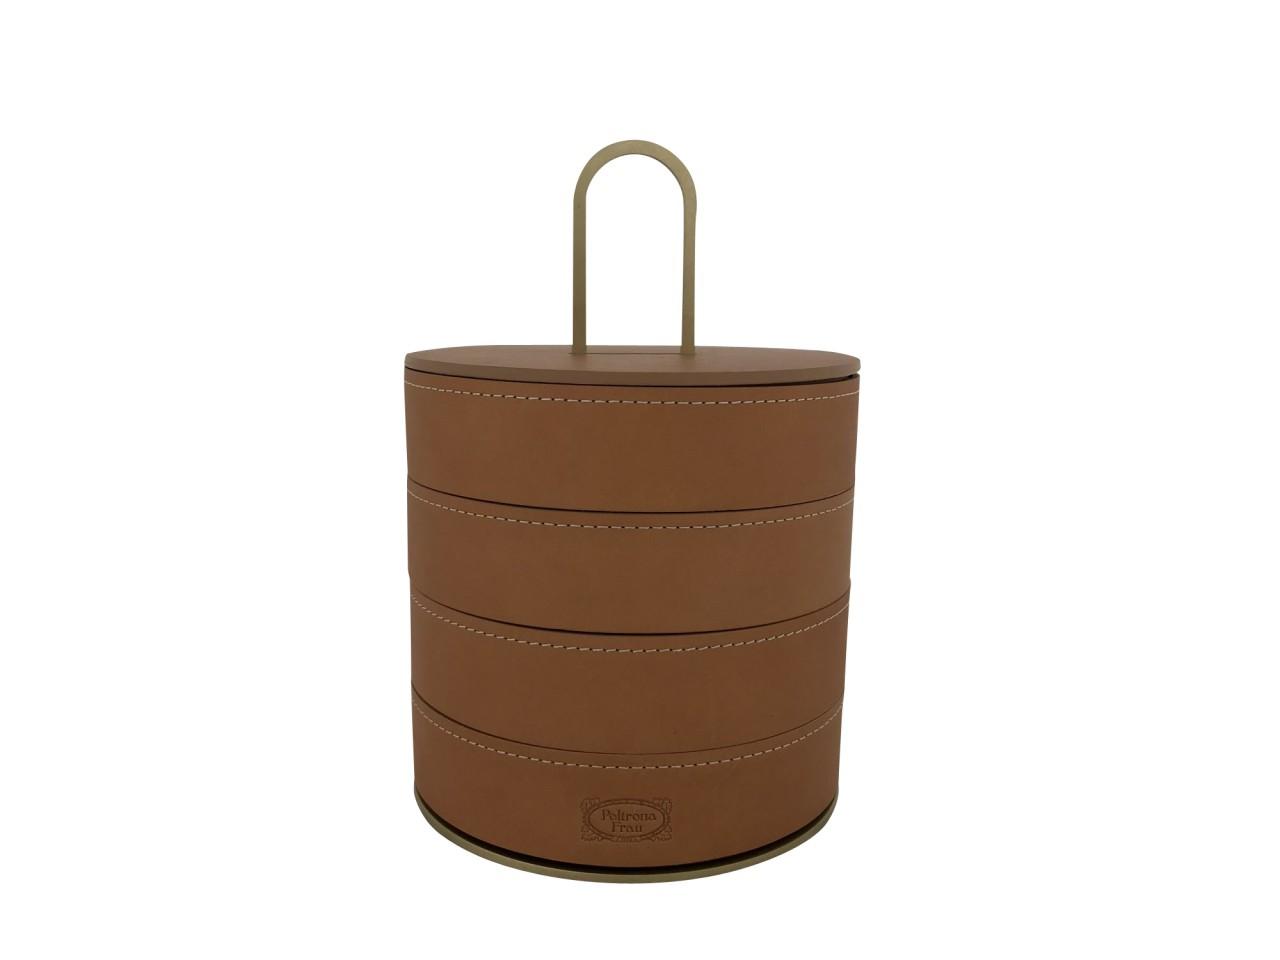 Poltrona Frau ZHUANG Aufbewahrung-Schachtel rund mit vier Fächern in Kernleder und Holz